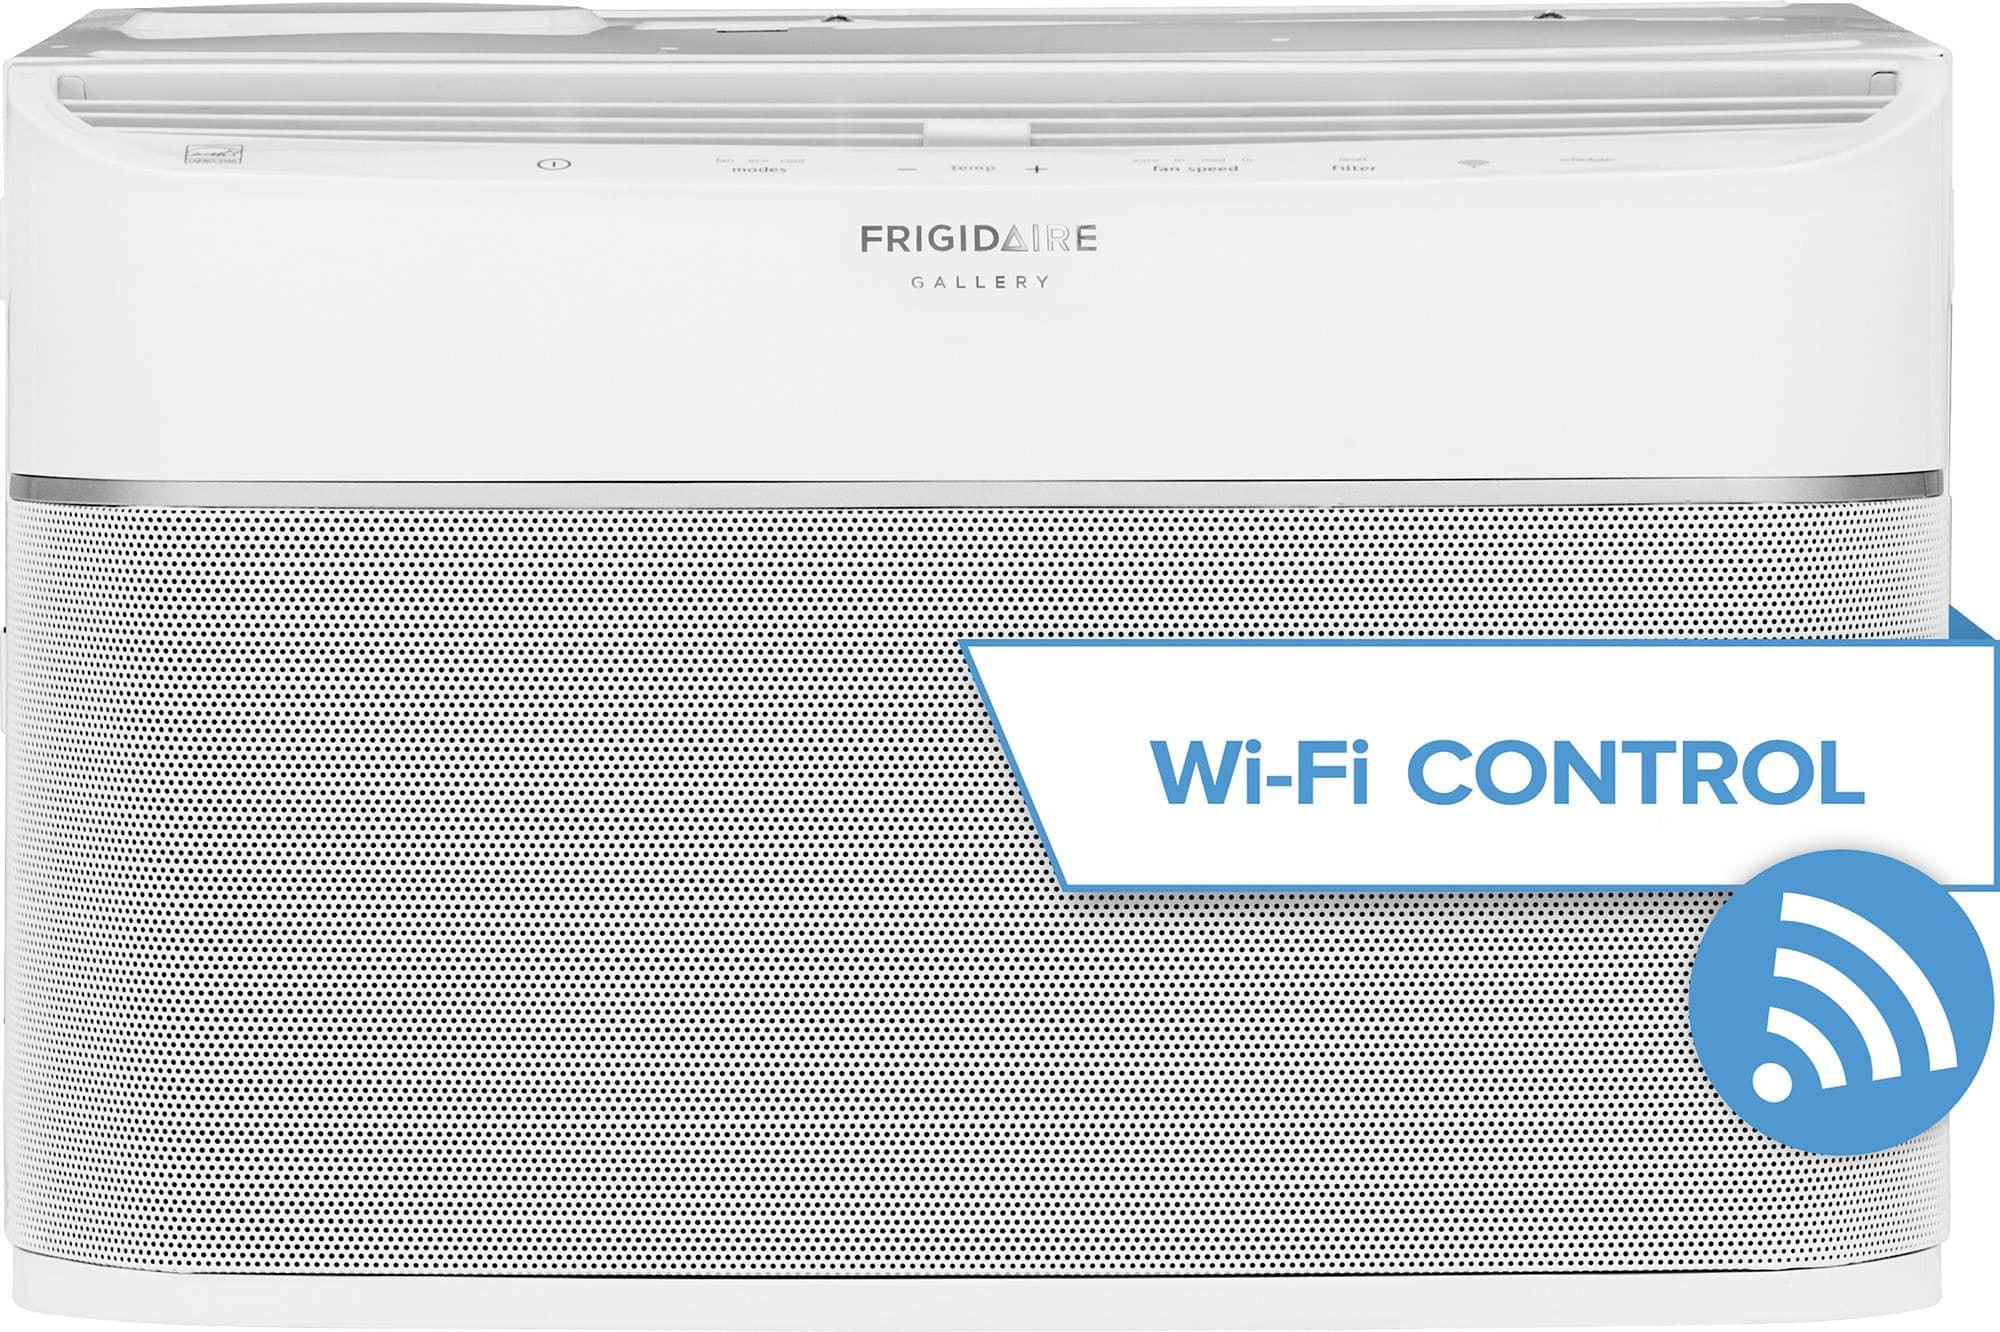 Frigidaire FGRC0844S1 8,000 BTU Smart Air Conditioner, Wi